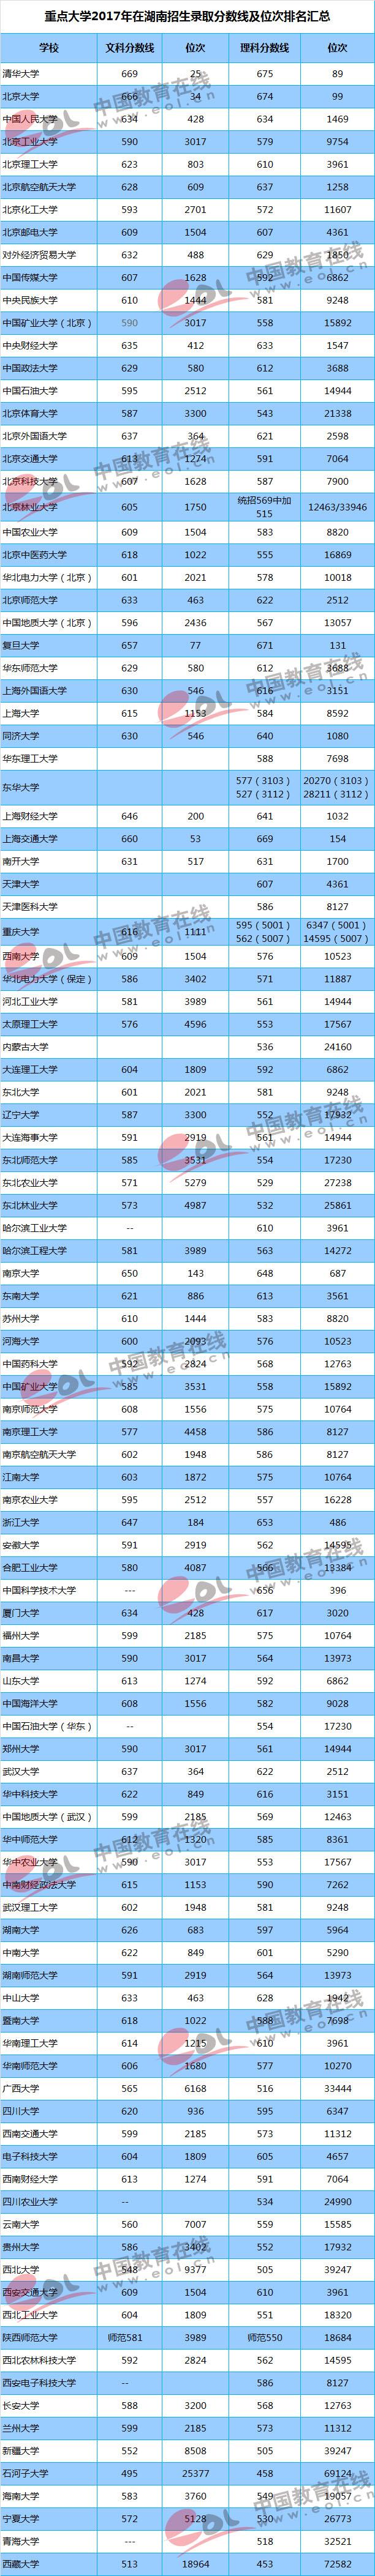 2017重点大学在湖南招生录取分数线汇总